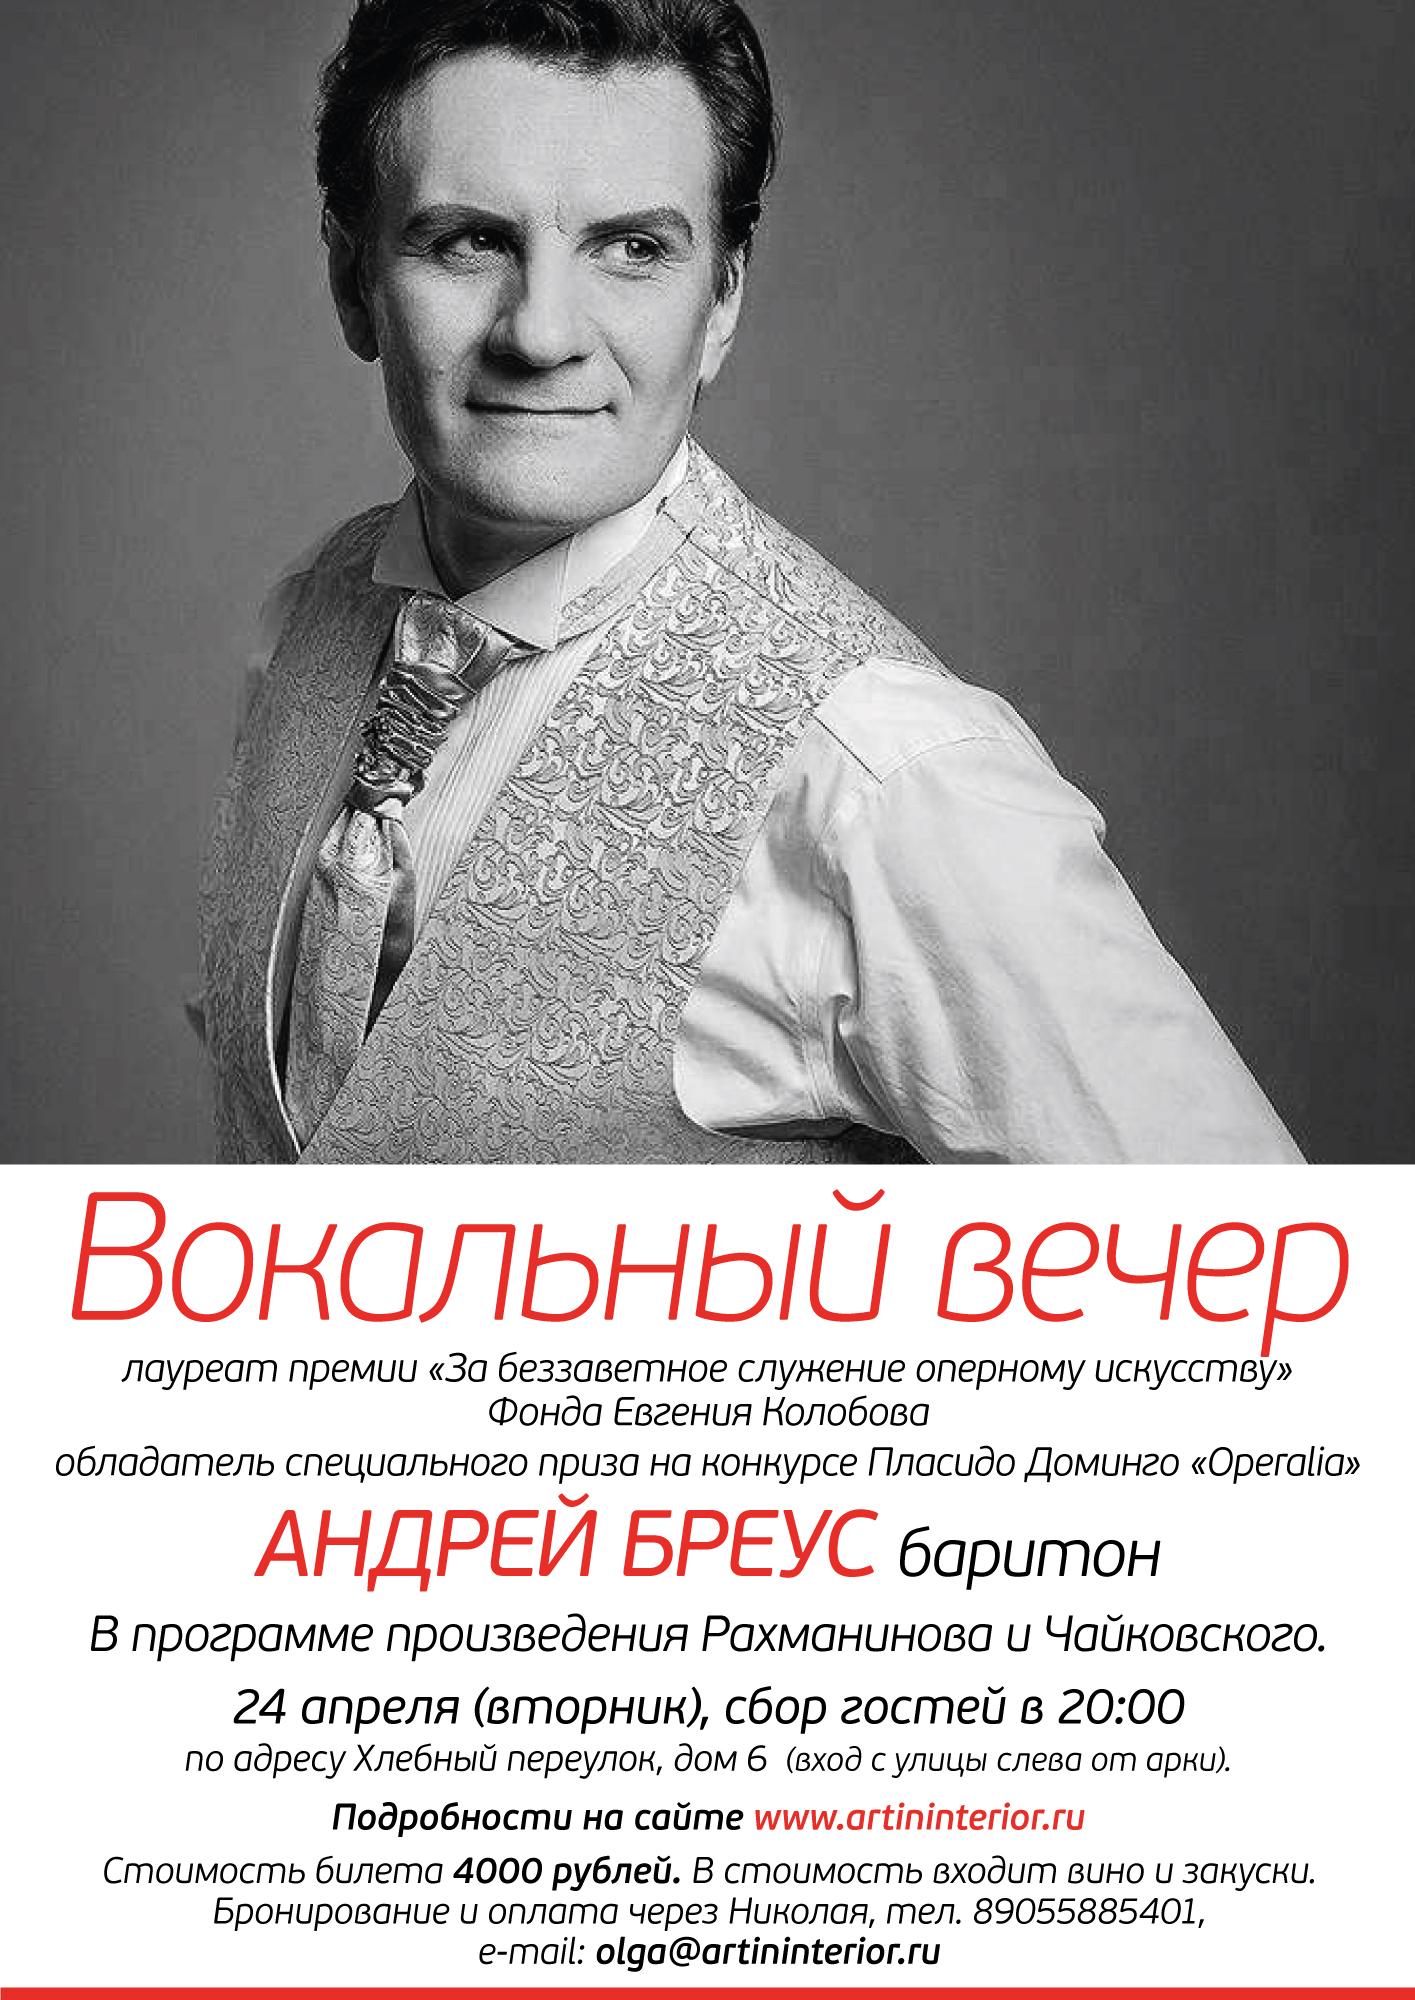 Вокальный вечер,Андрей Бреус, 24 апреля в 20:00